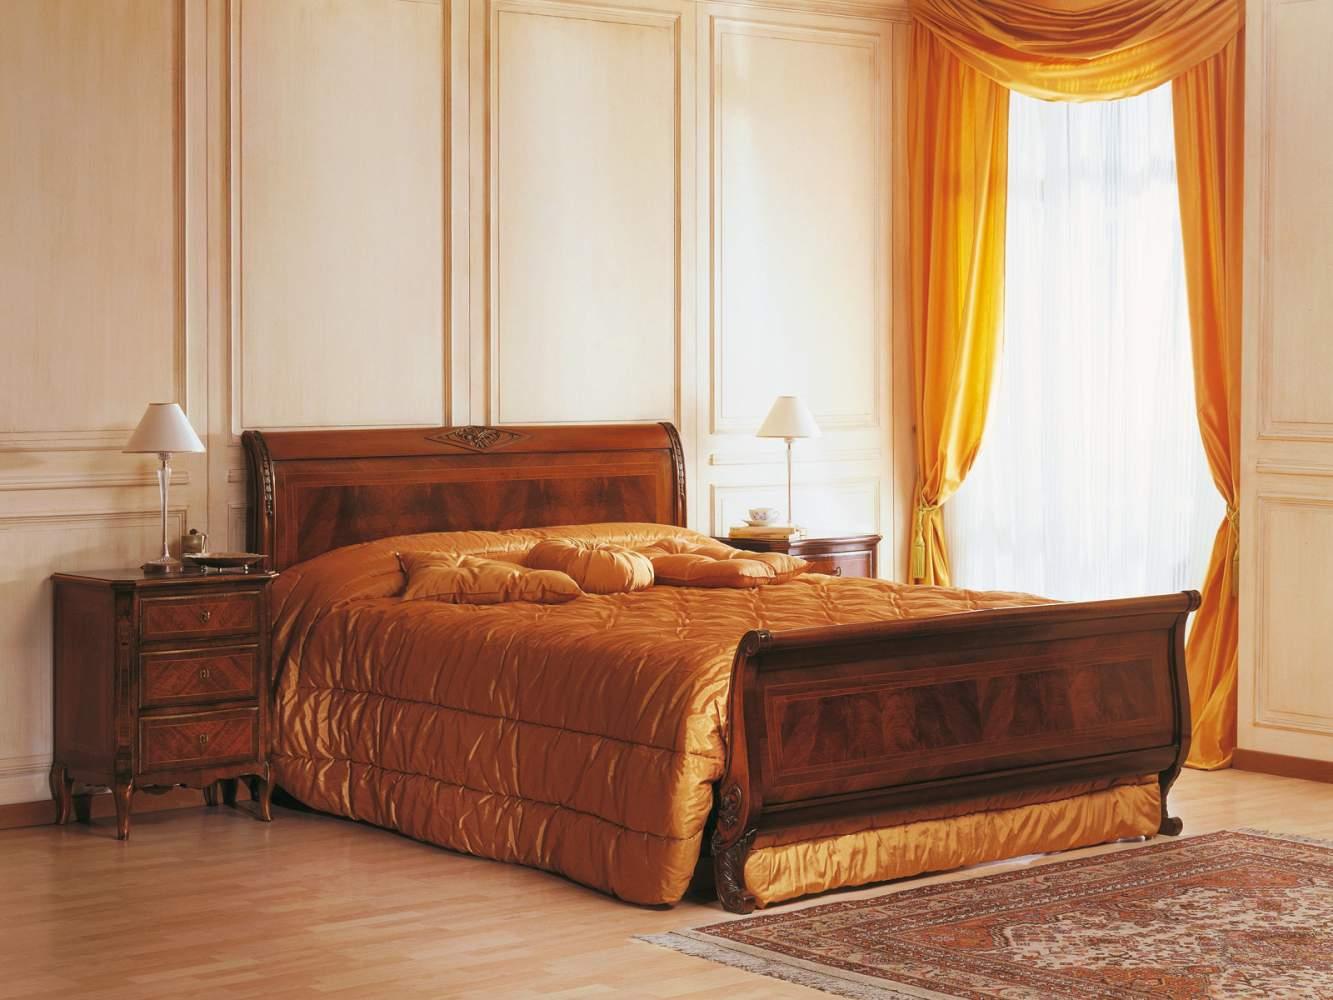 Camera da letto 800 francese, letto in noce e comodino